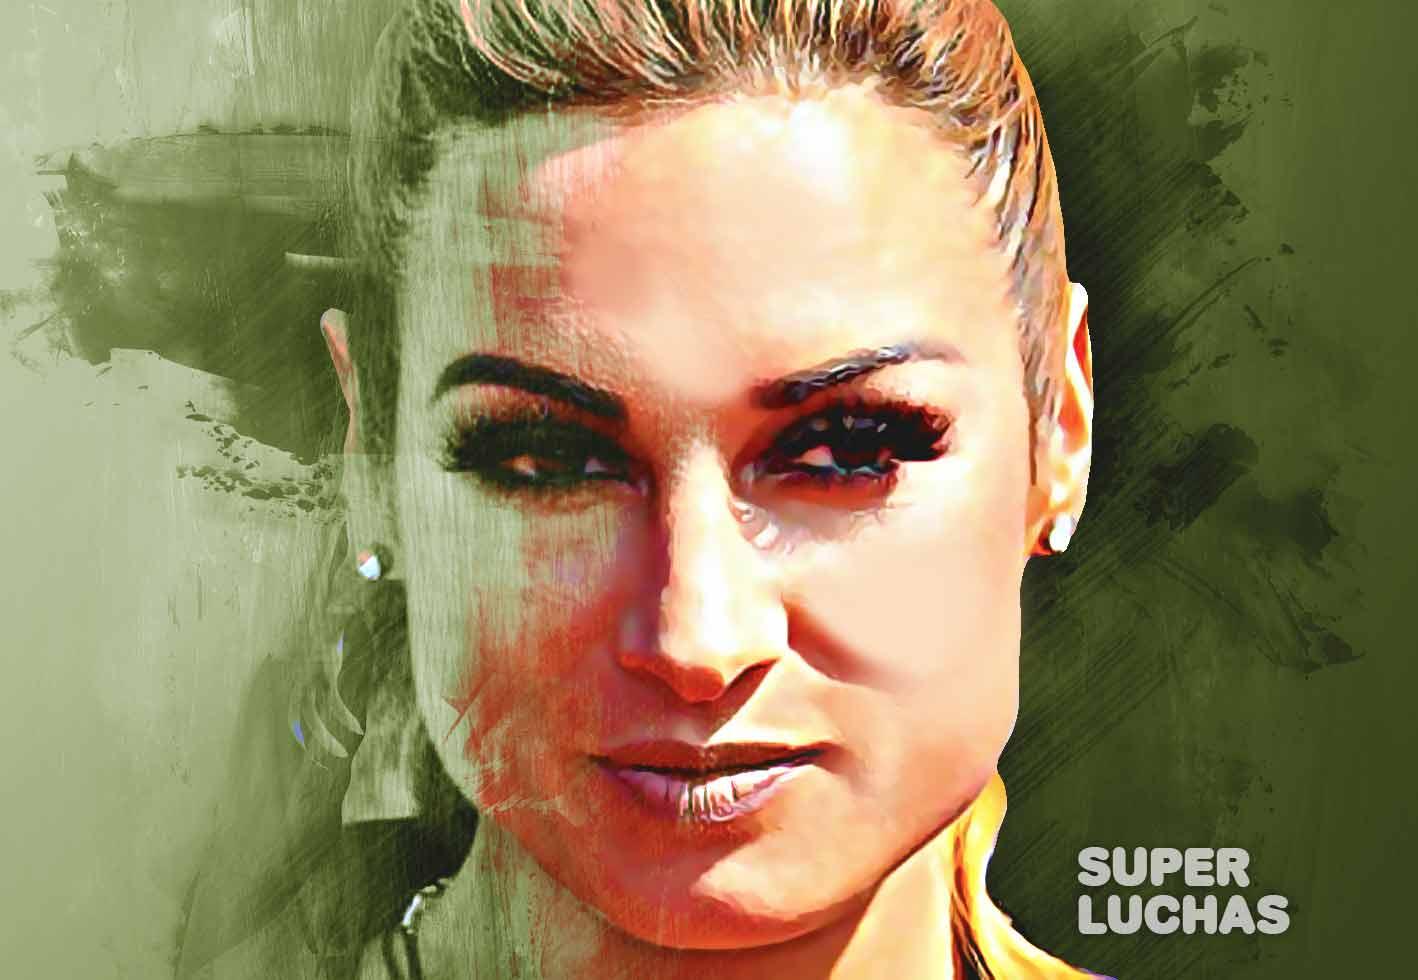 La lucha que hizo llorar a Becky Lynch